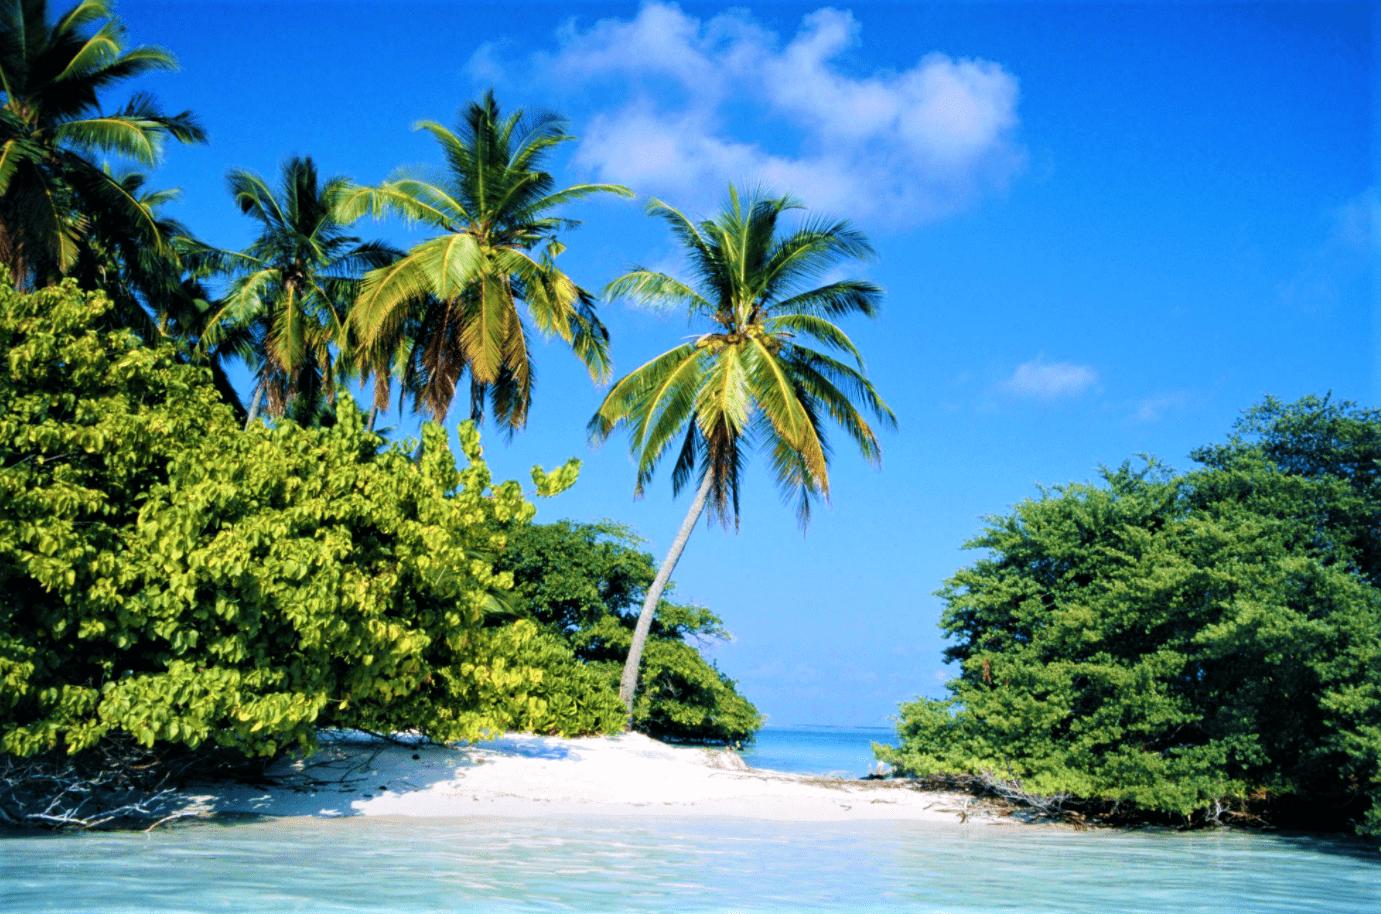 Hut-Bay-island-2-min.png